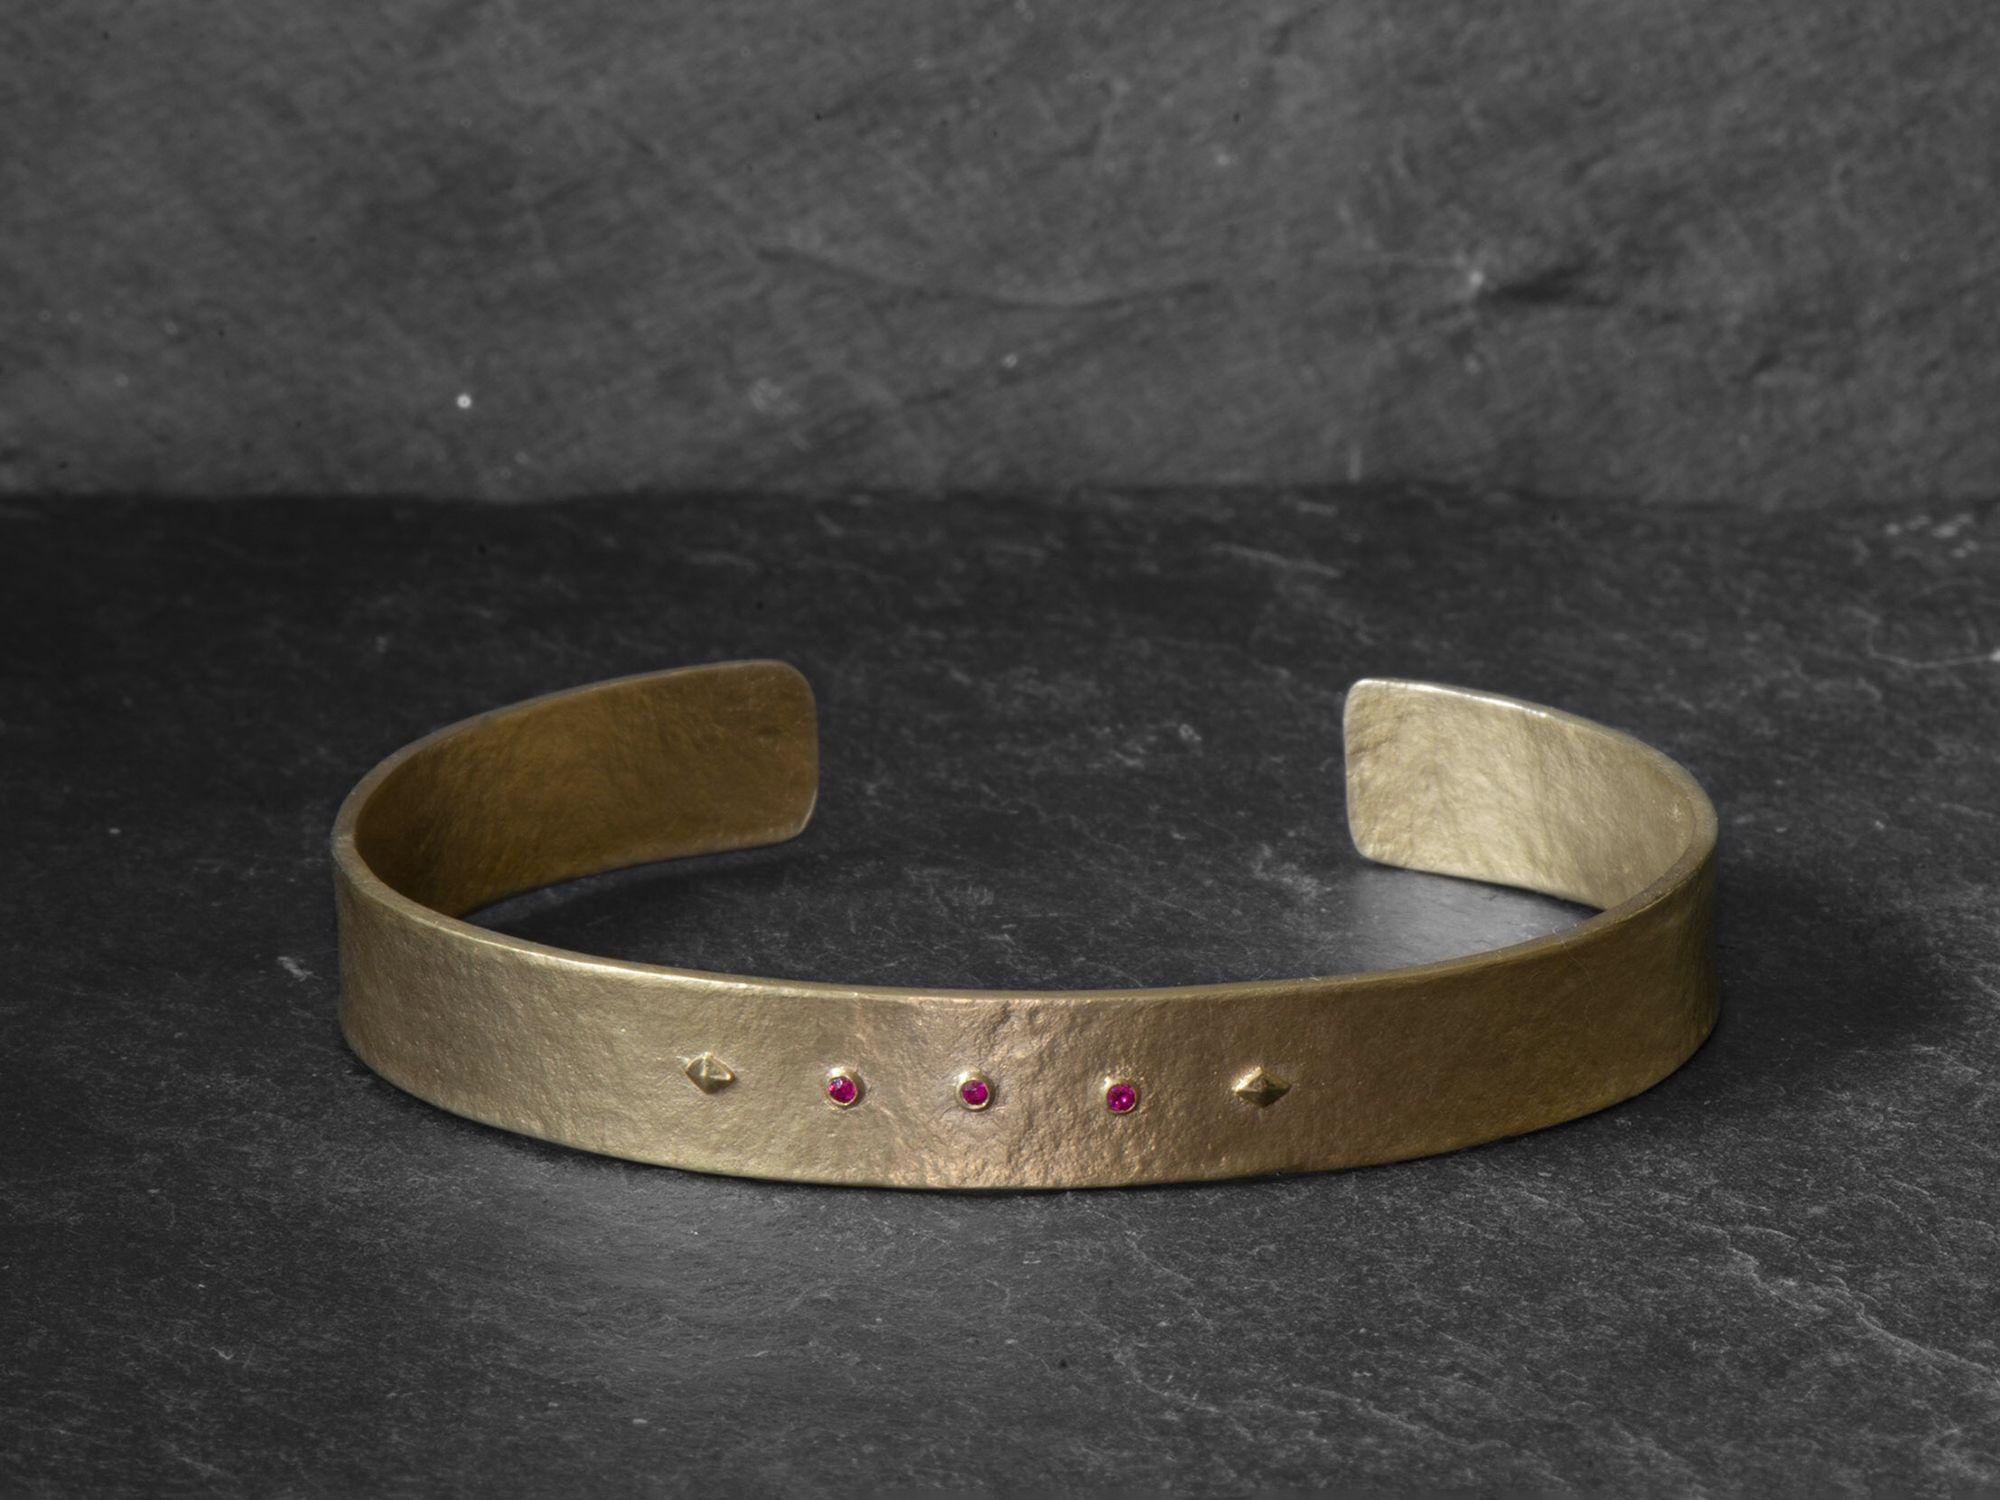 Vermeil rubis Sigrid bracelet by Emmanuelle Zysman